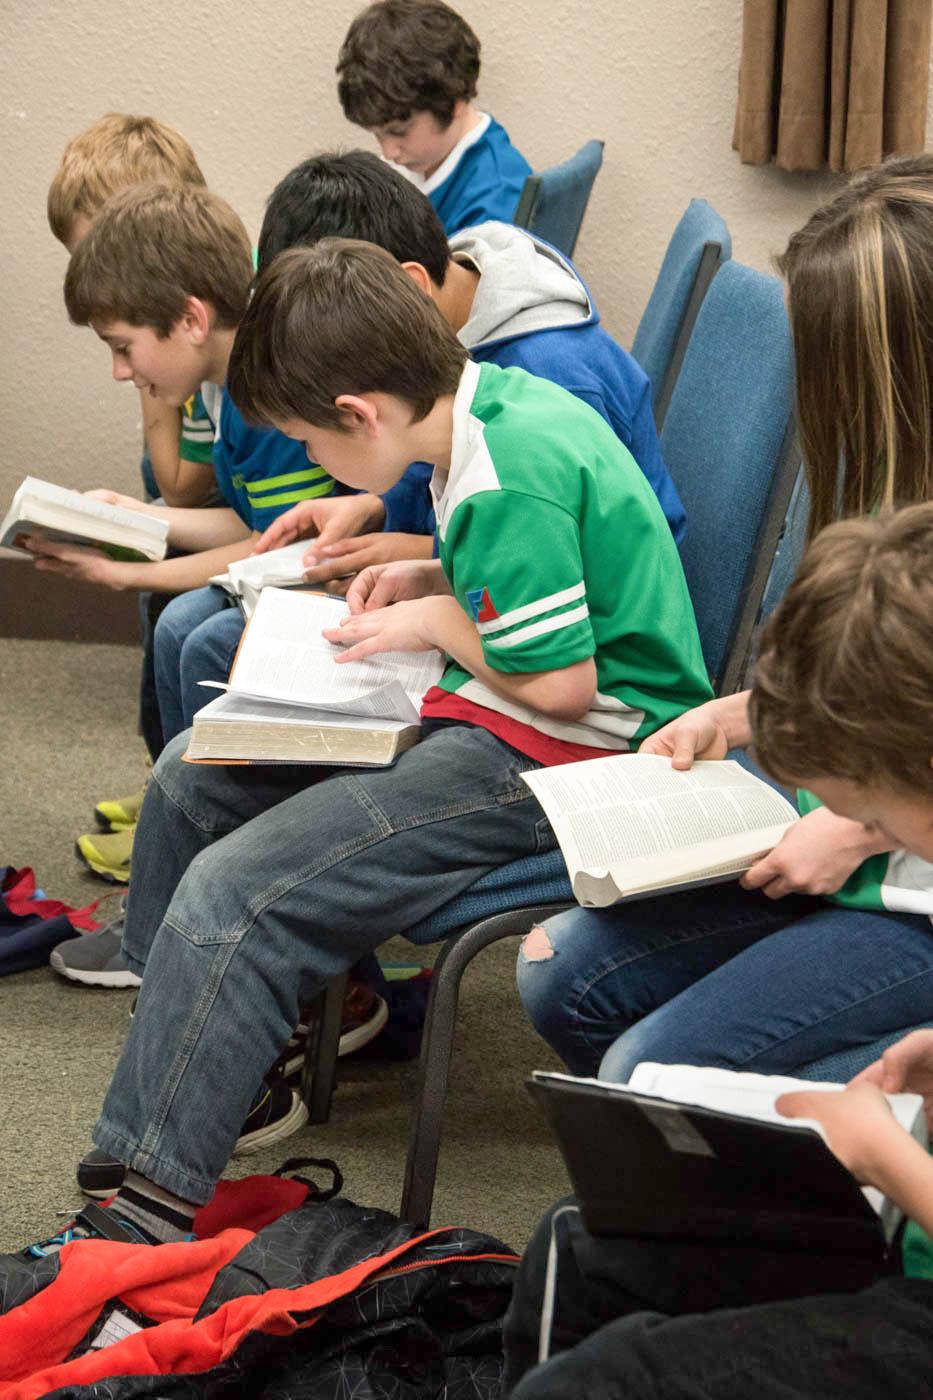 Studying the Bible at Awana